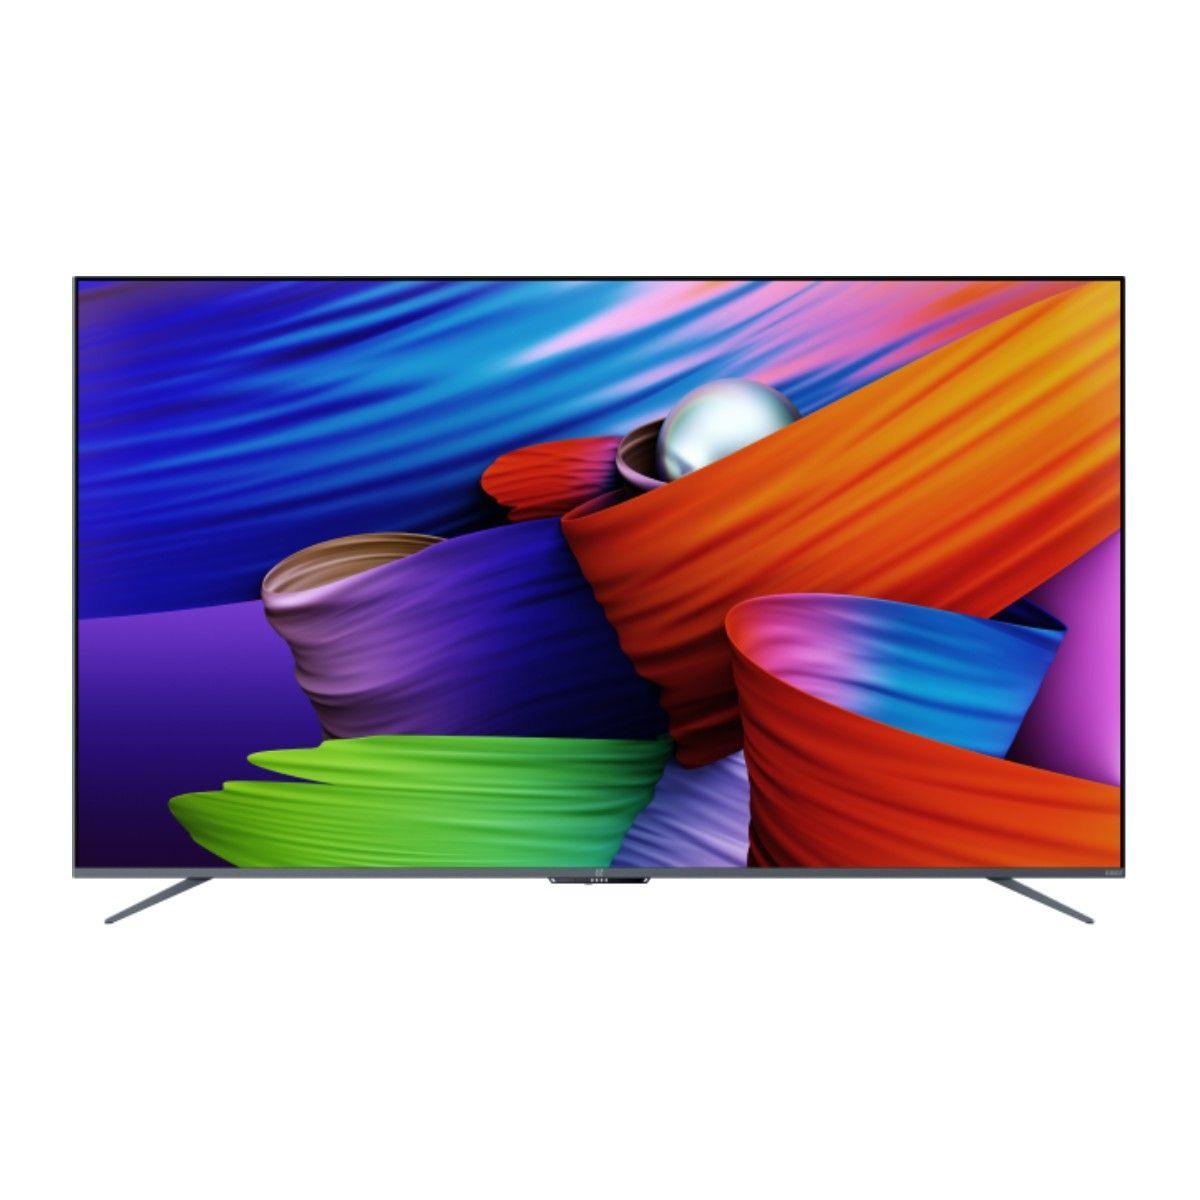 ಒನ್ಪ್ಲಸ್ TV U1S 65-inch 4k LED TV